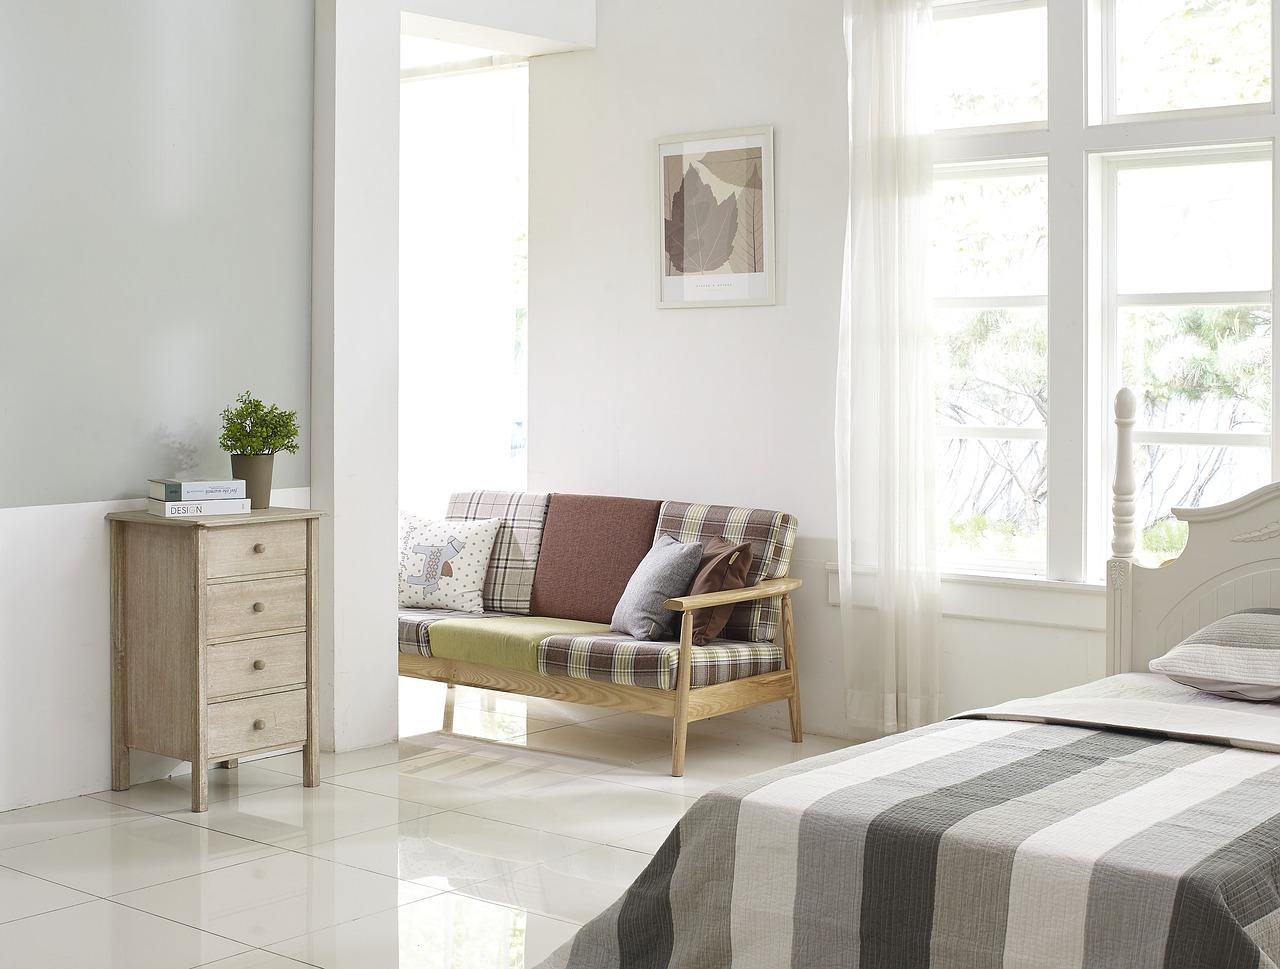 quelles sont les meilleures fen tres pour insonoriser. Black Bedroom Furniture Sets. Home Design Ideas